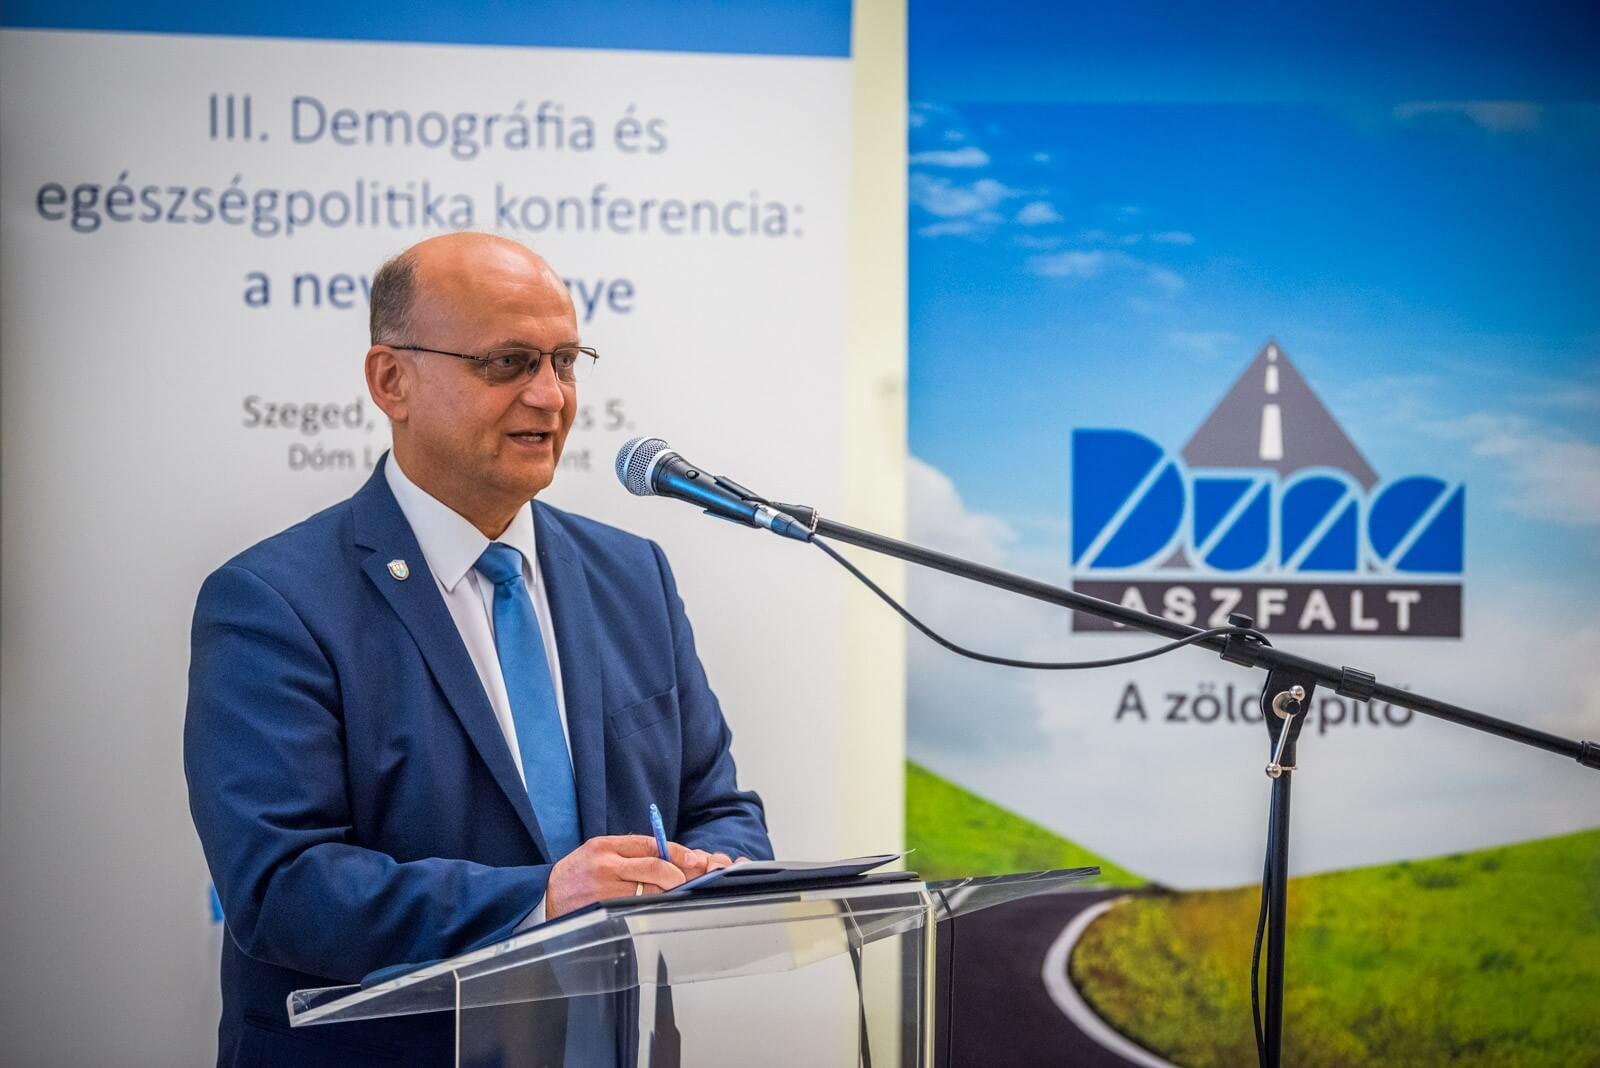 Demográfiai konferenciát támogat a Duna Aszfalt